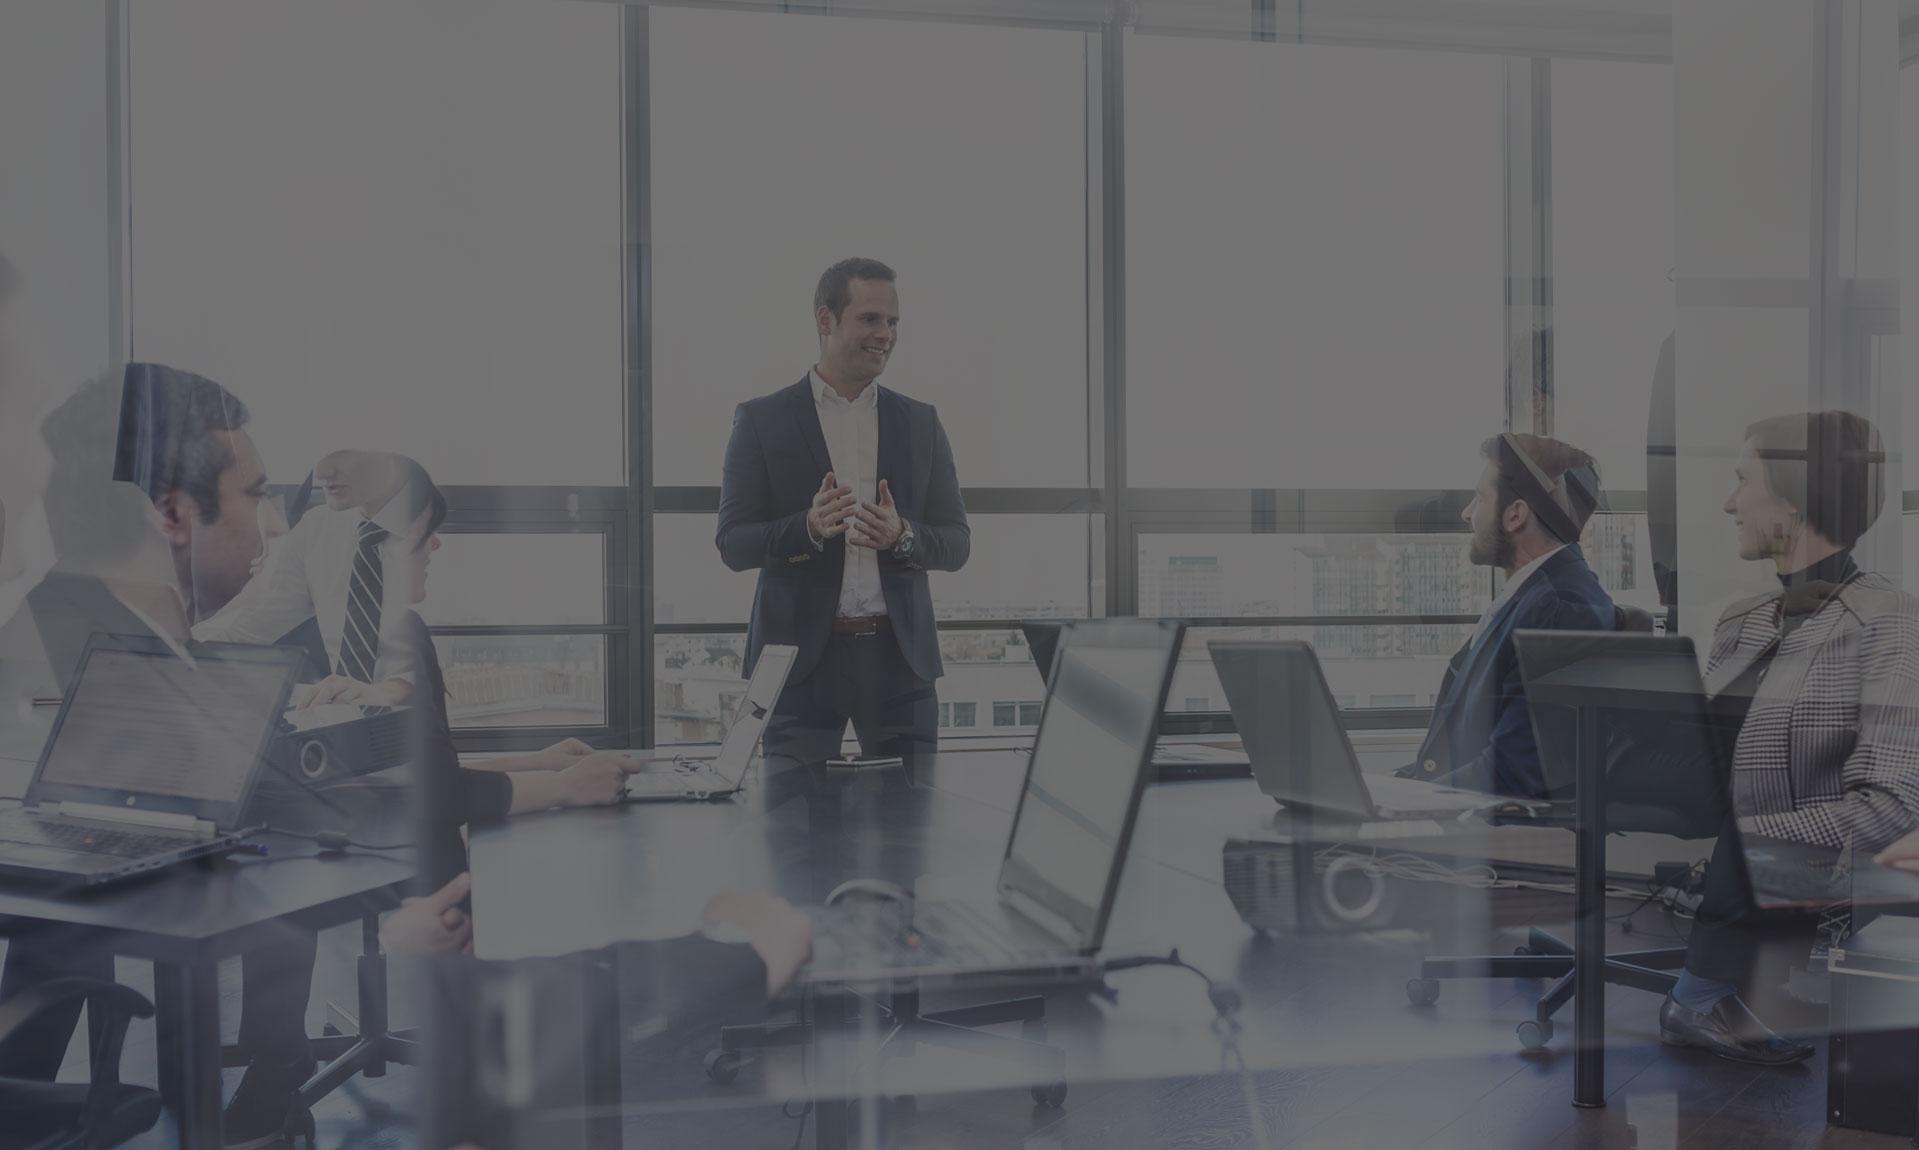 Qualites essentielles pour developper son entreprise